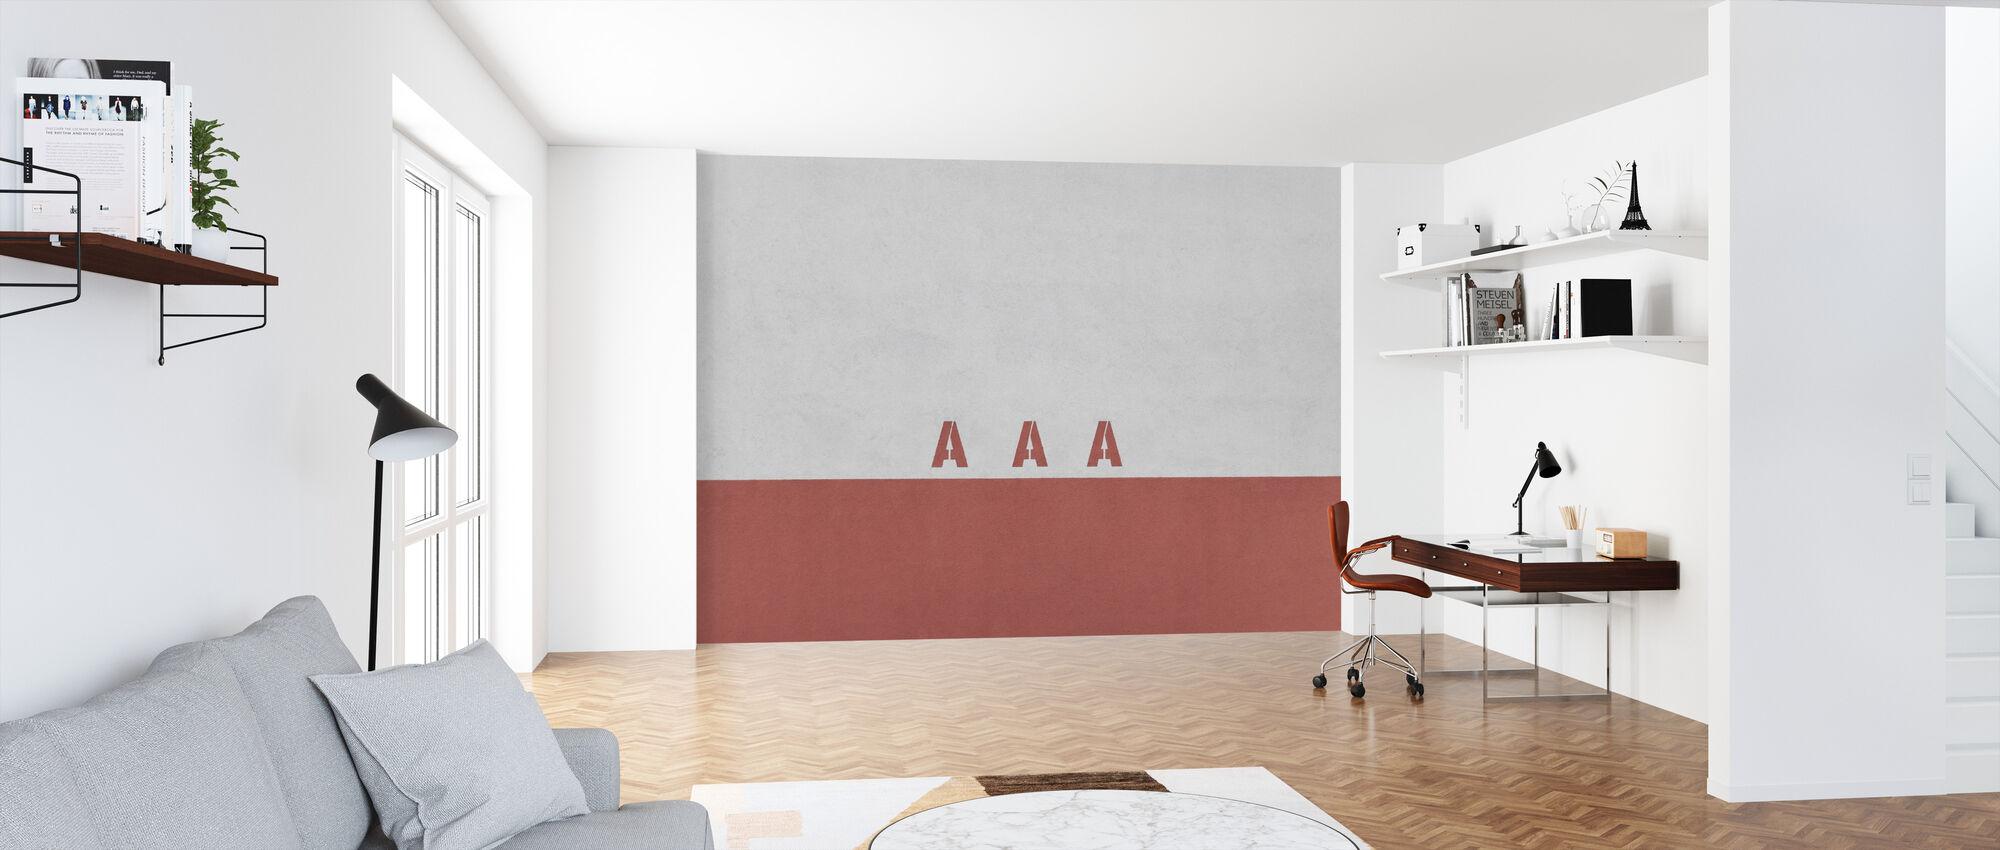 AAA Wall - Wallpaper - Office